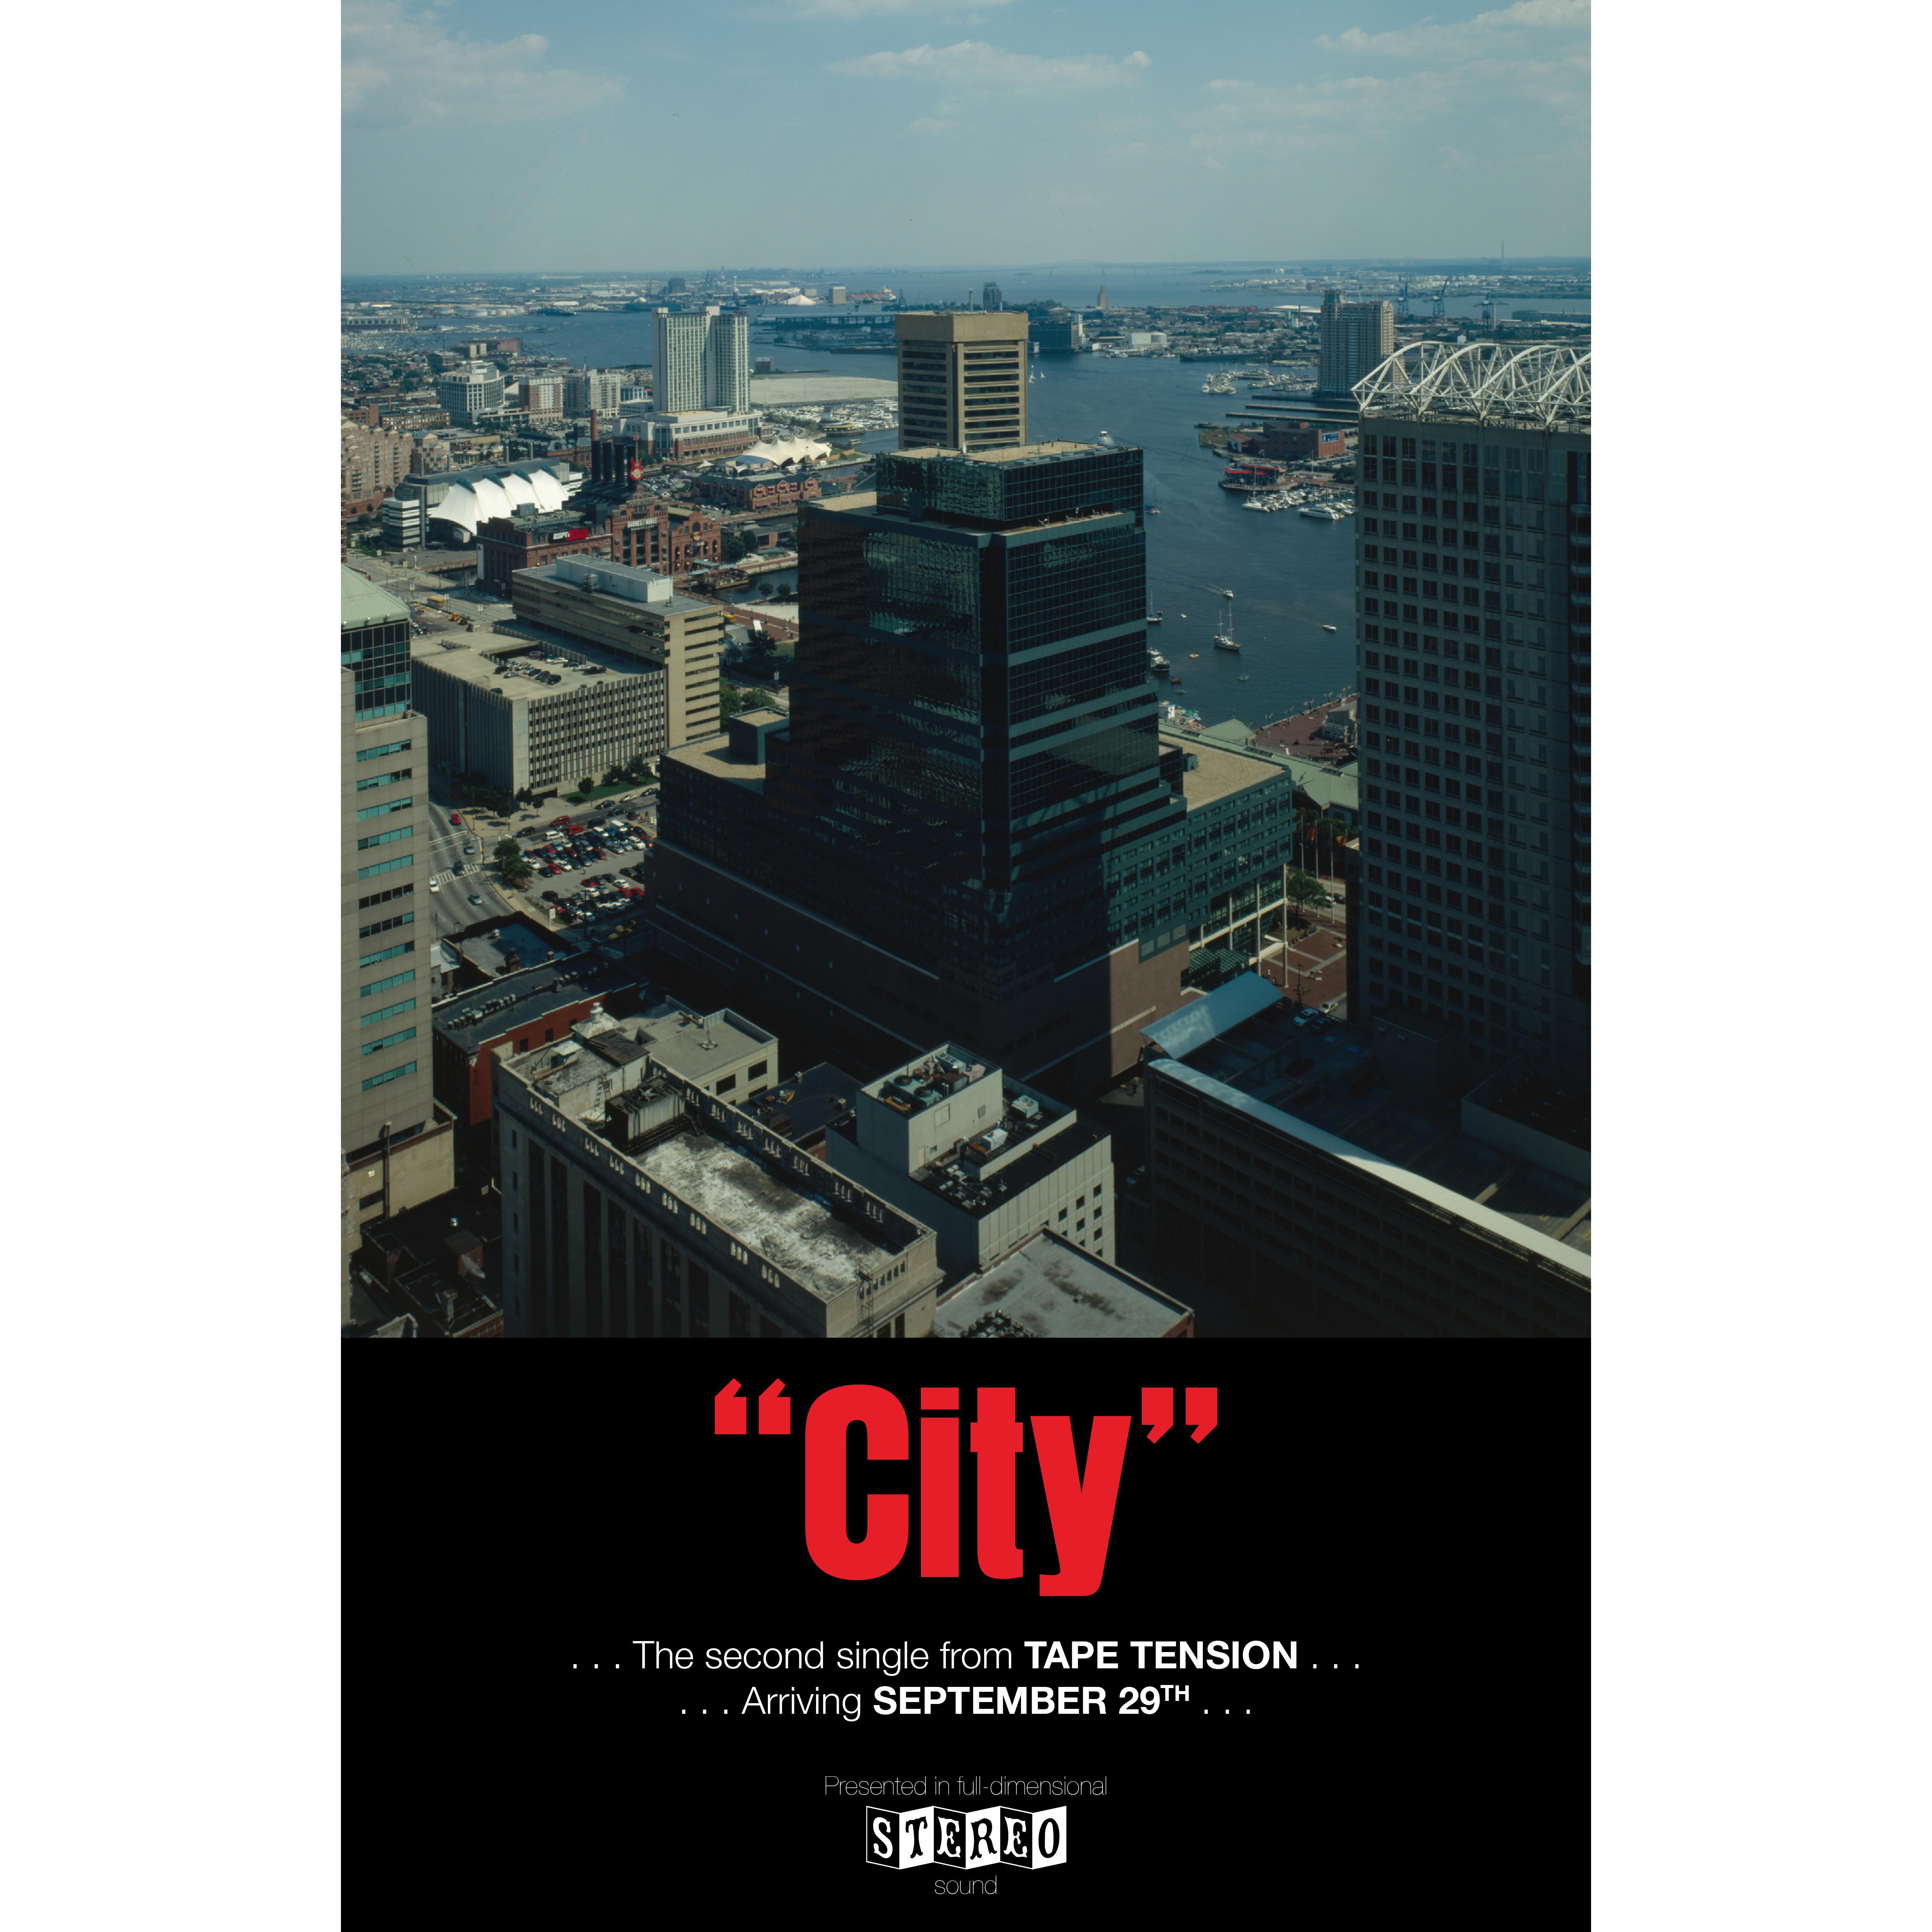 City thumb